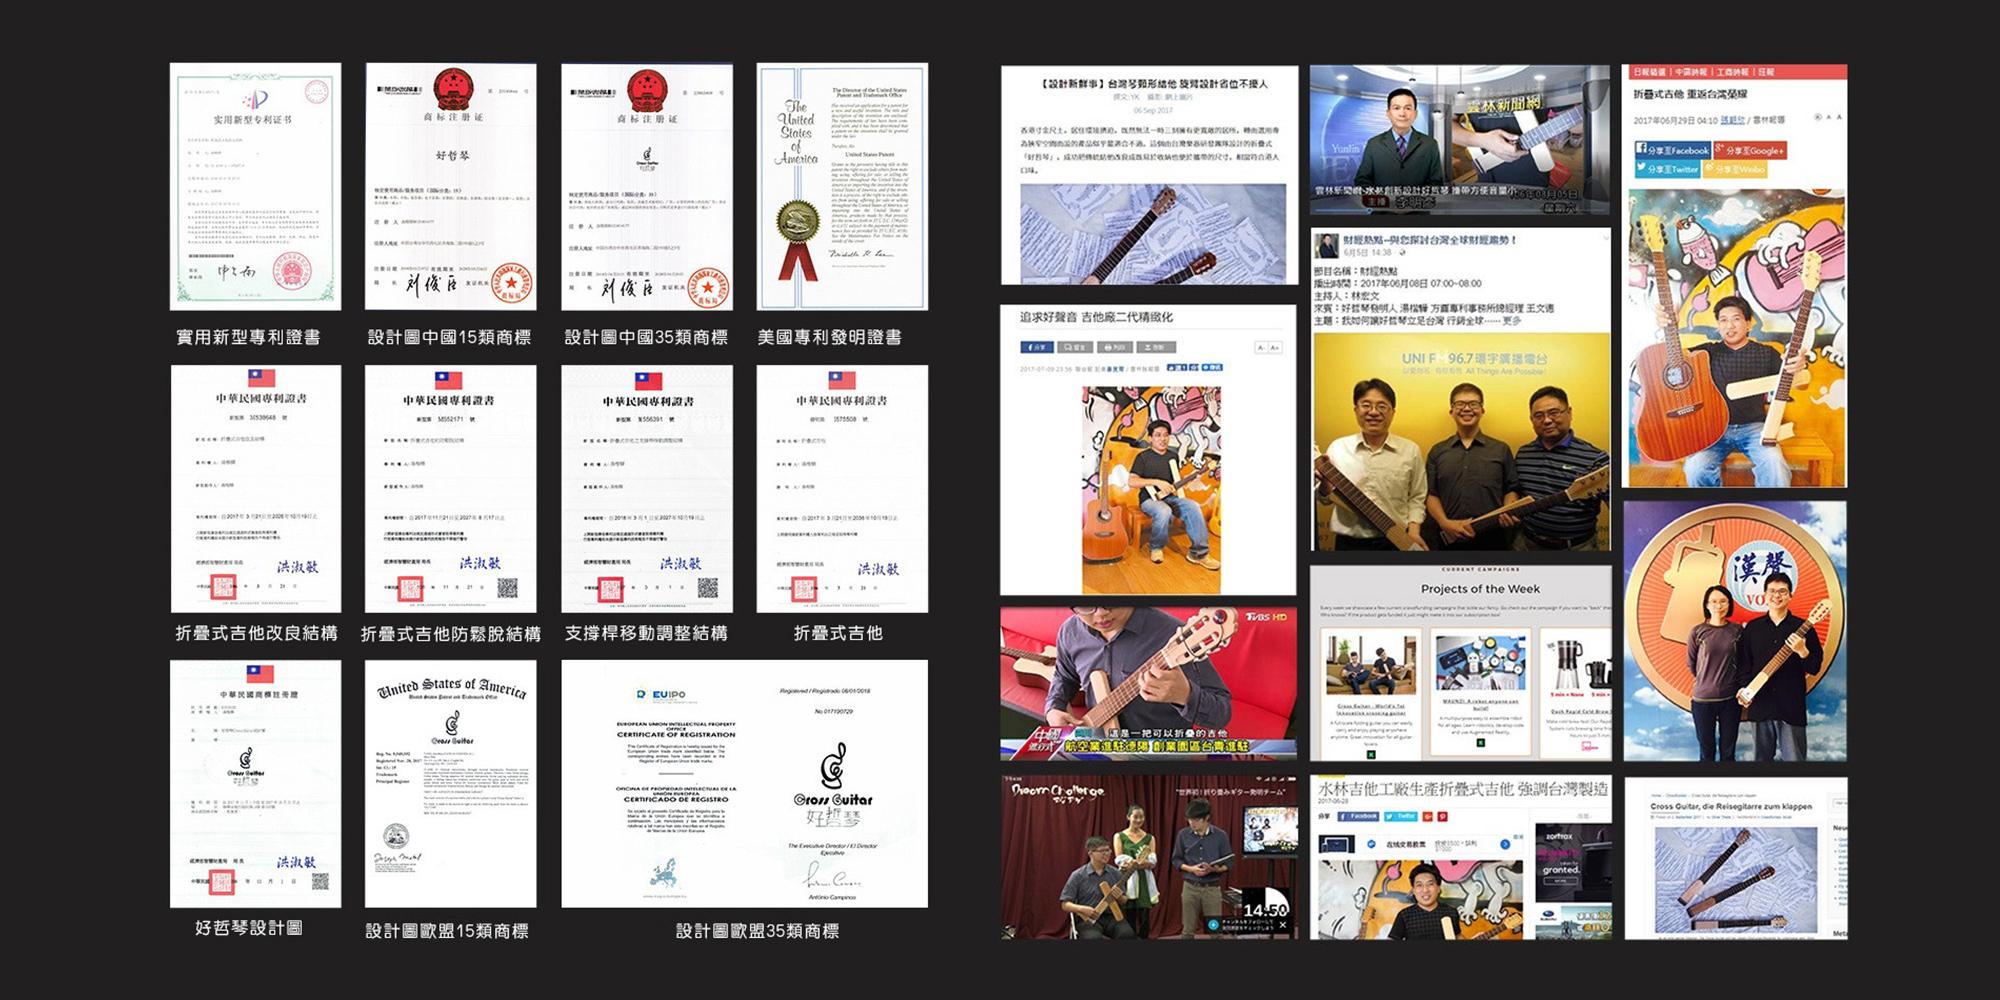 已核准專利及商標/獲獎成果與媒體採訪.jpg